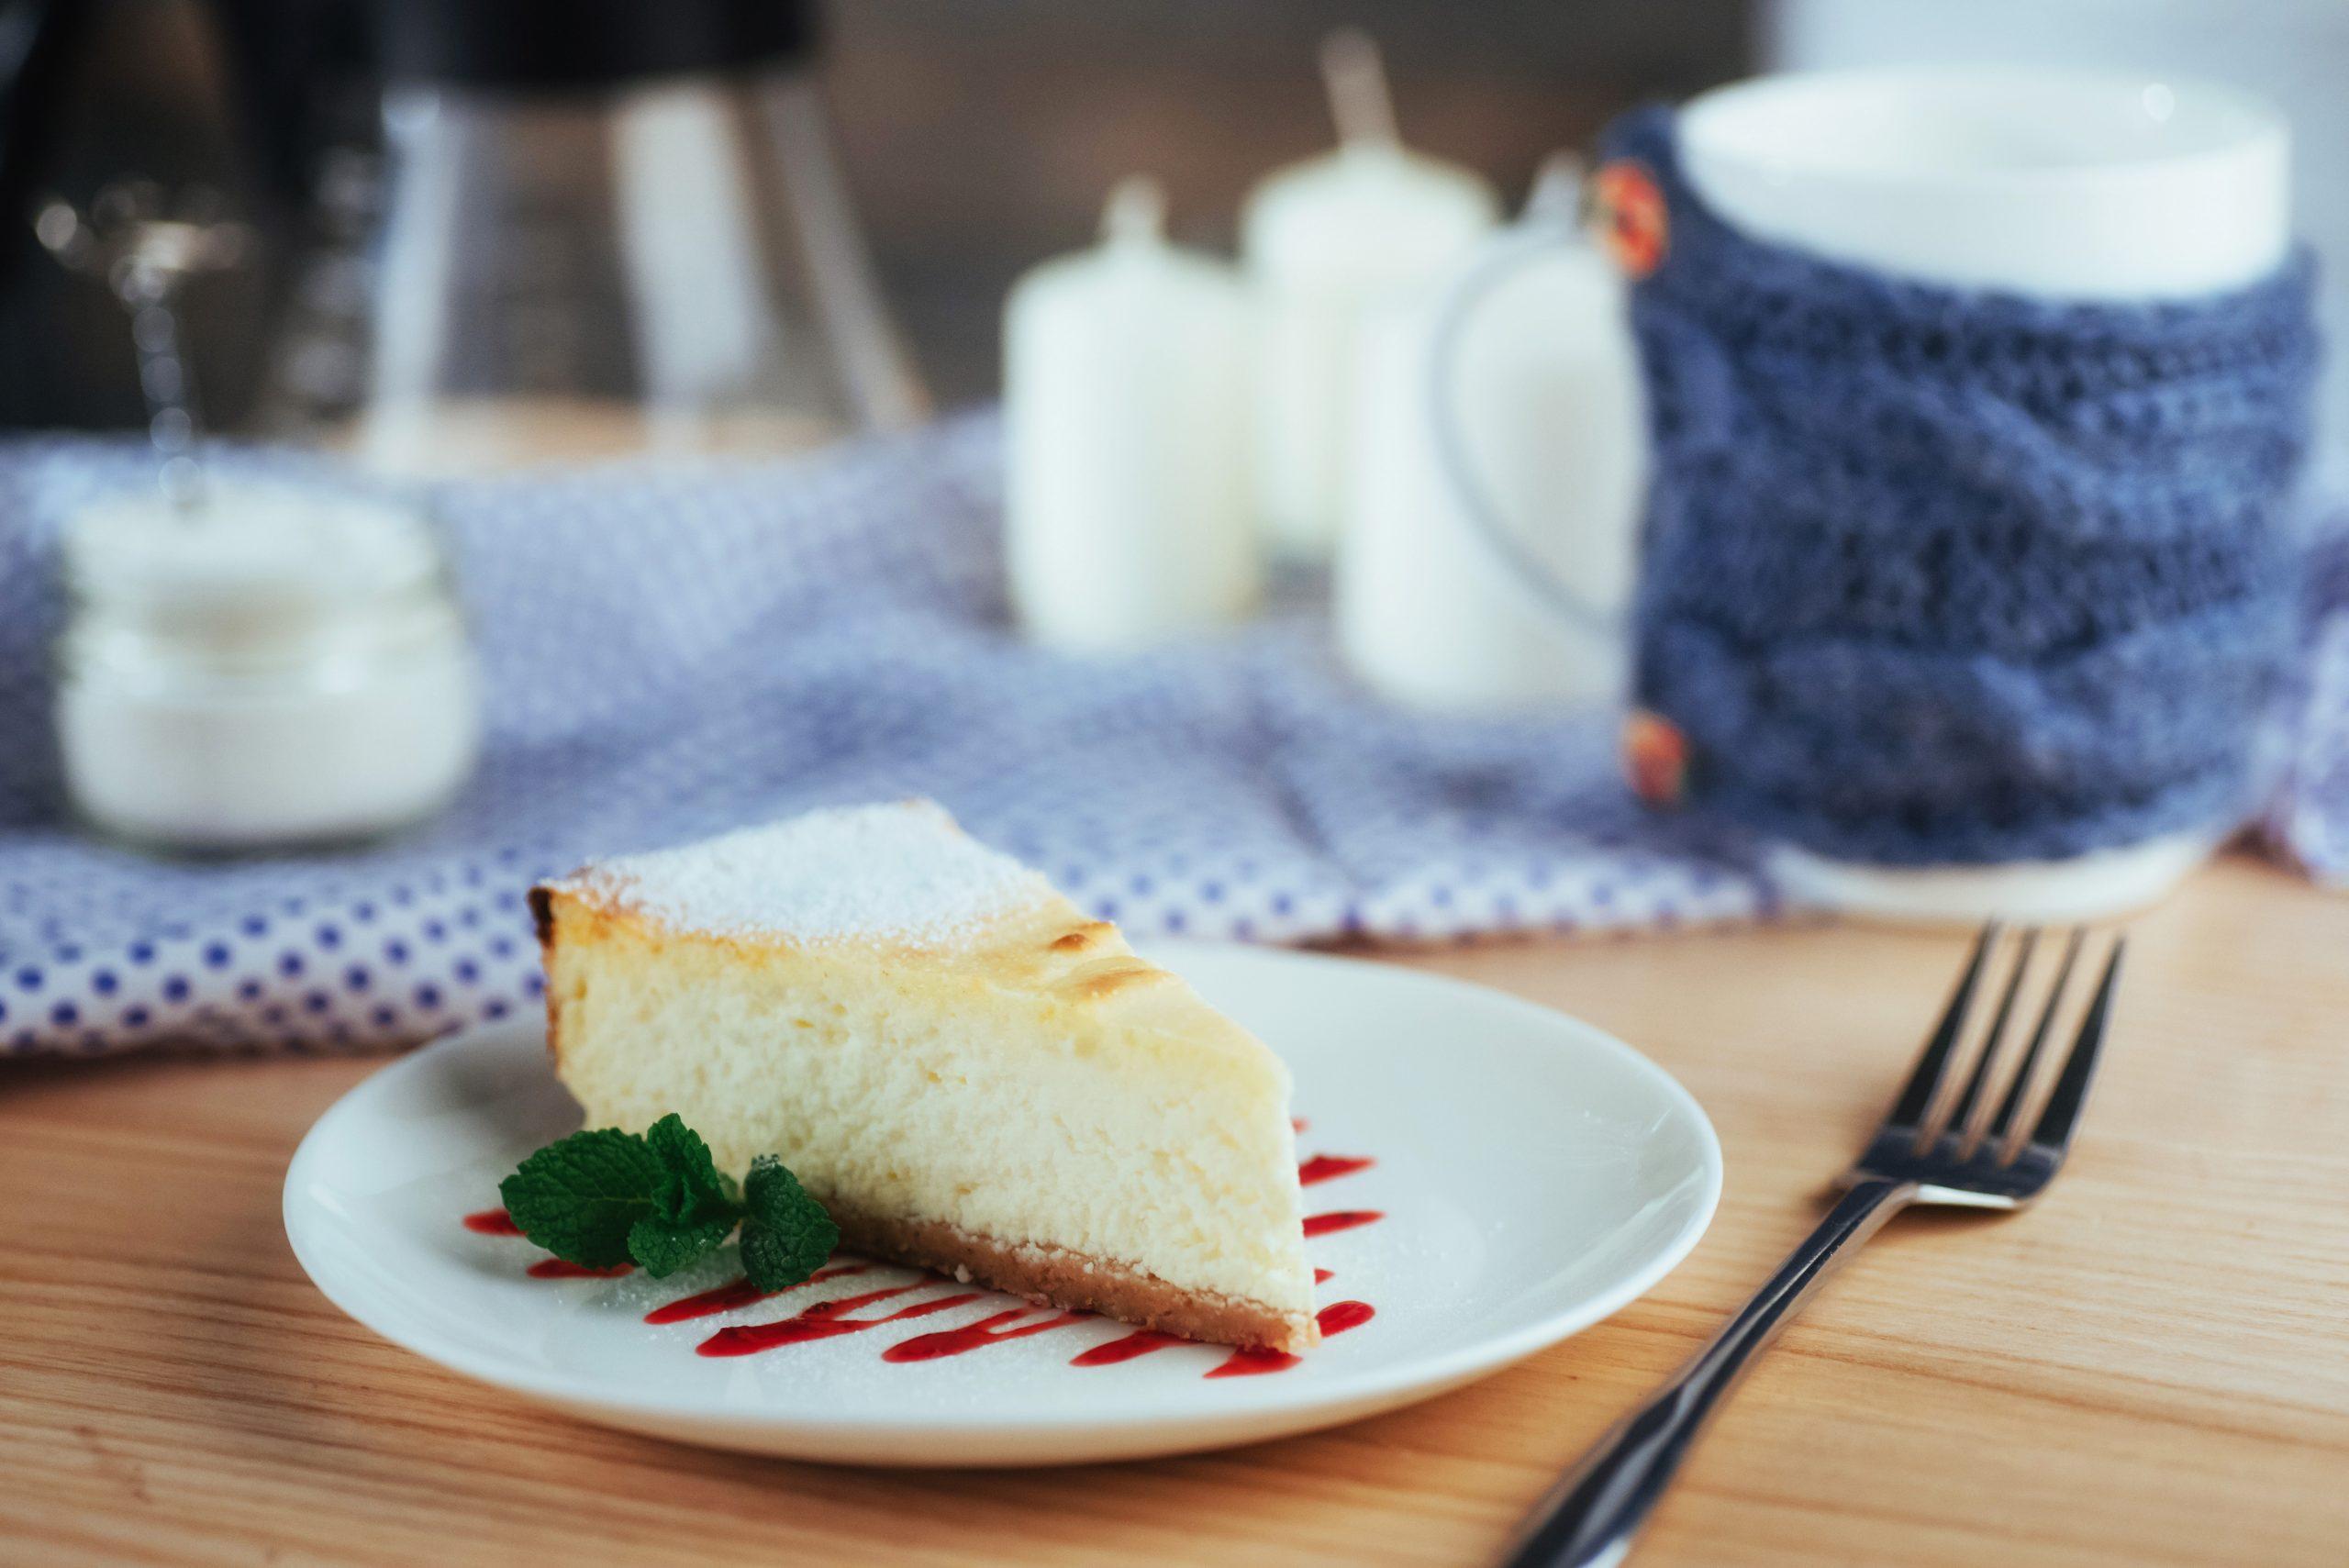 Baked Ricotta Cake